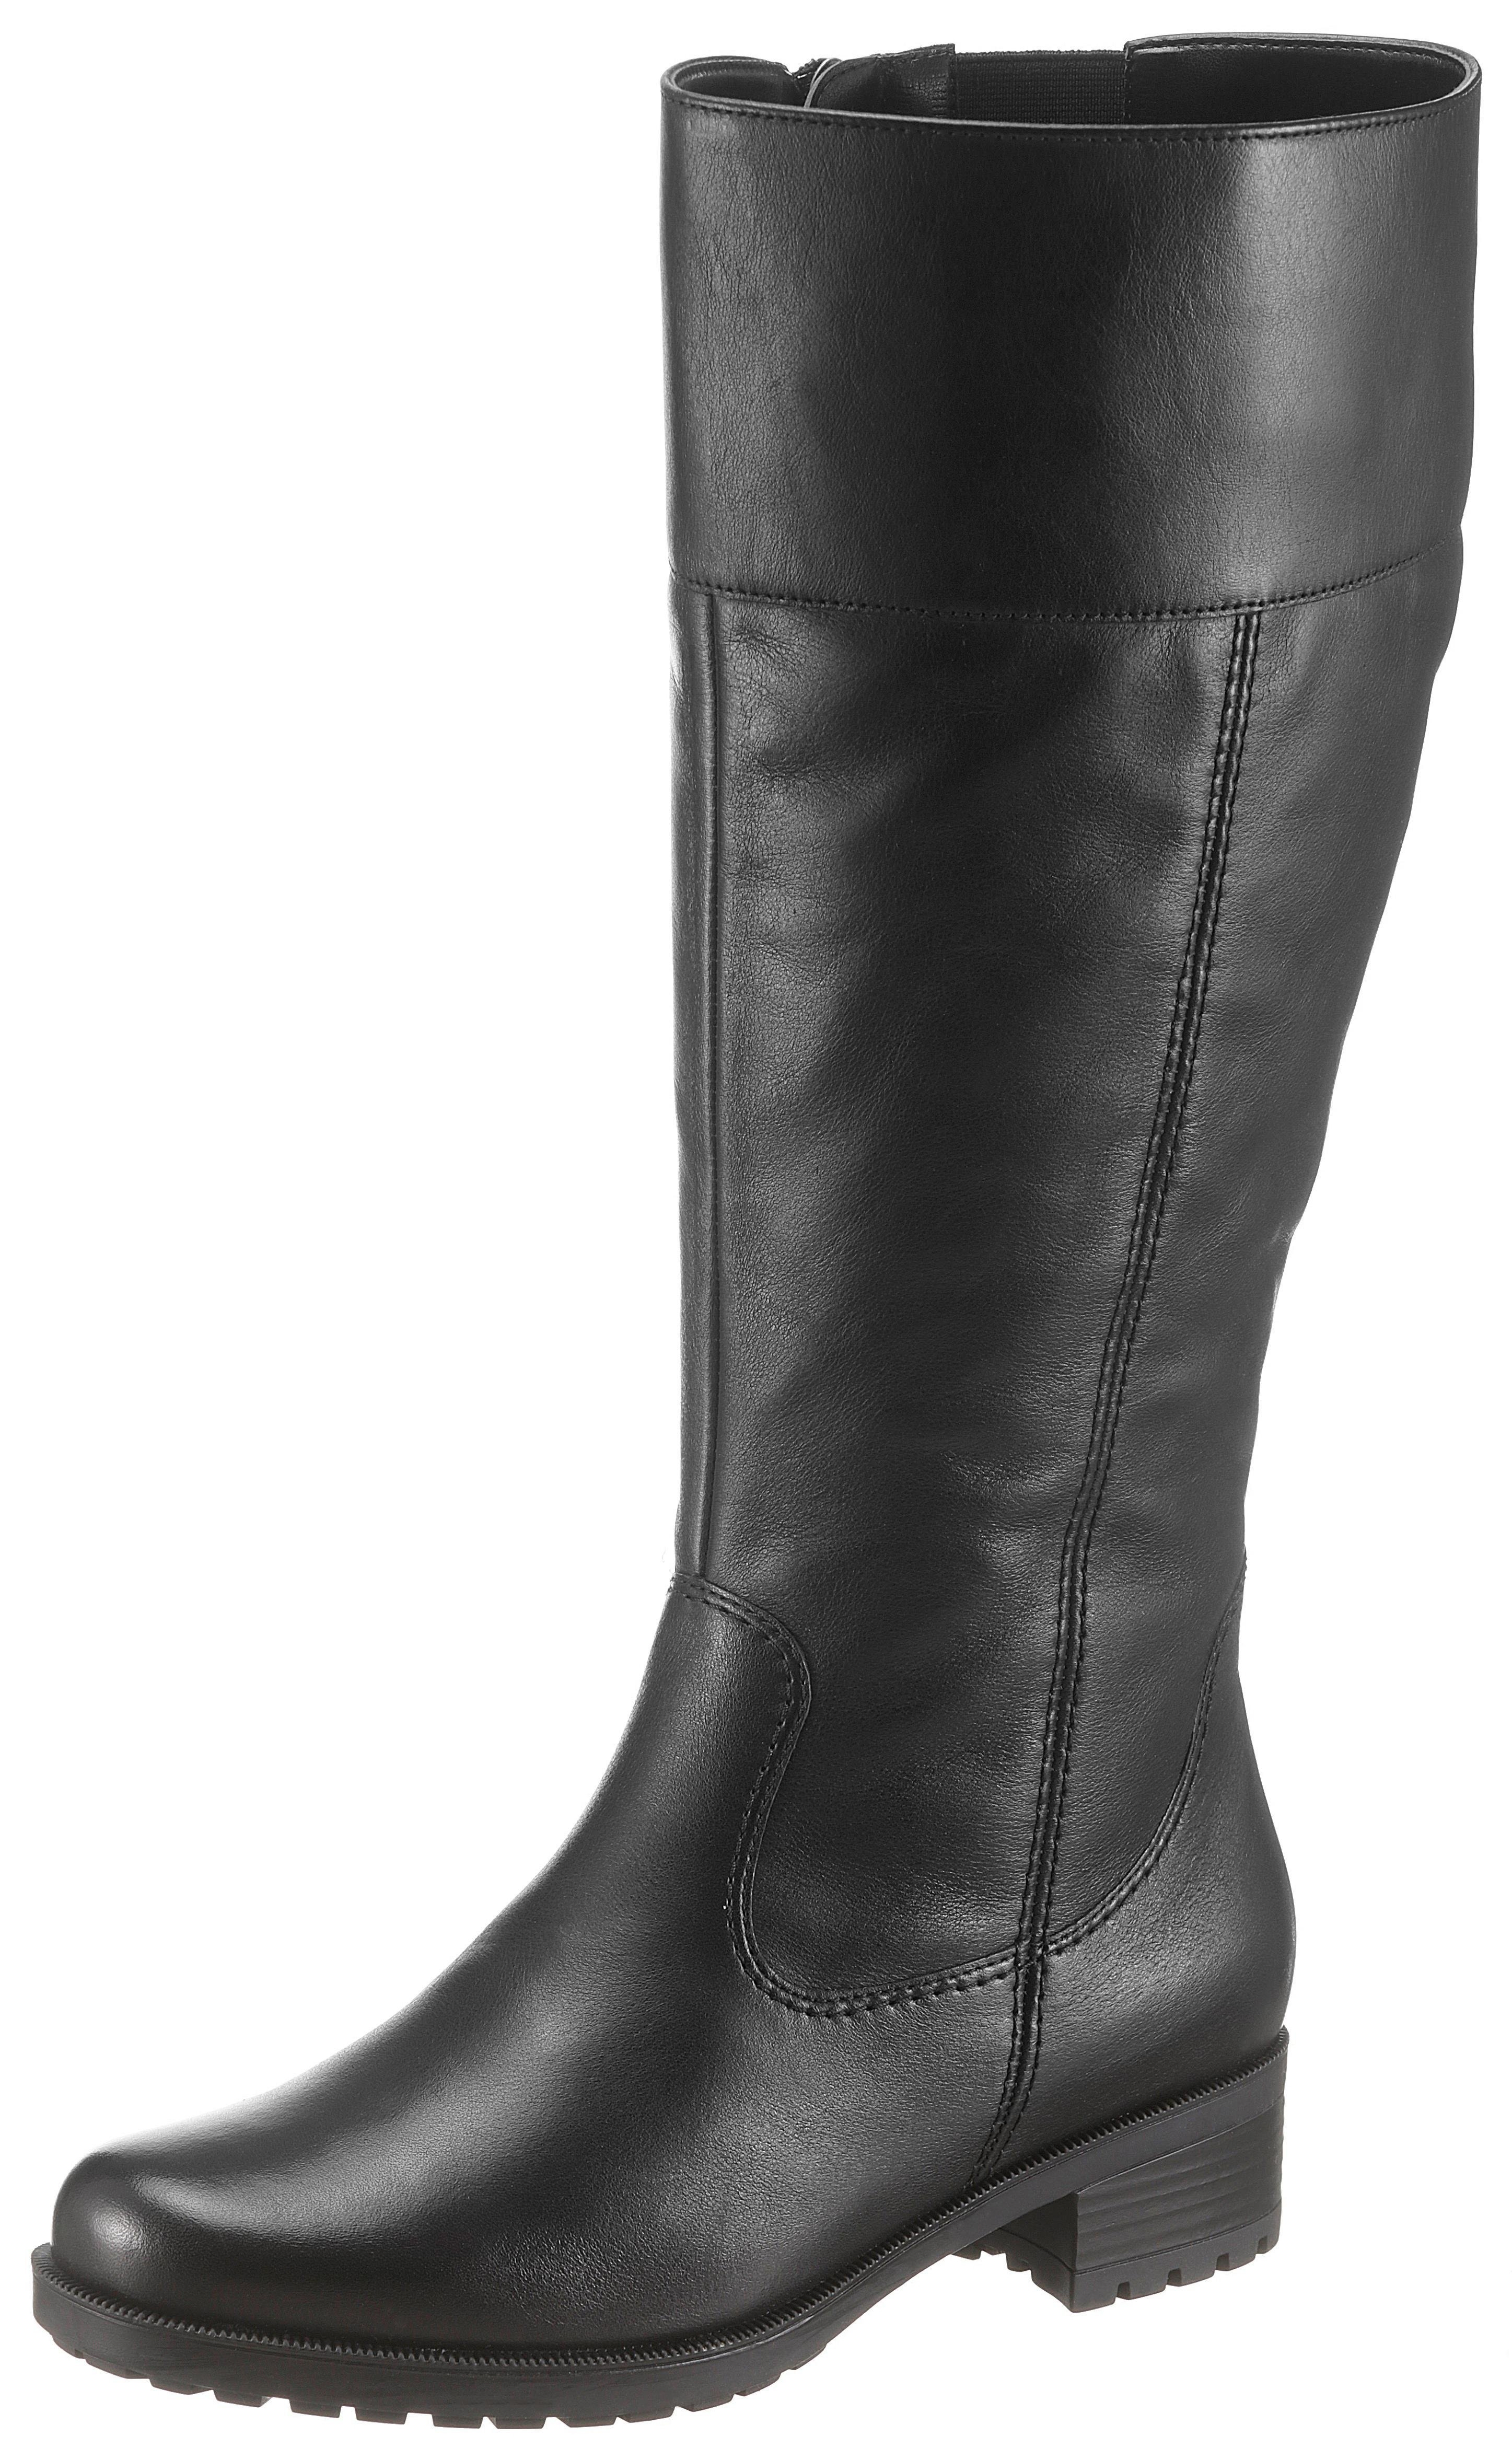 Verwonderlijk Laarzen brede schacht koop je direct online | OTTO MW-48